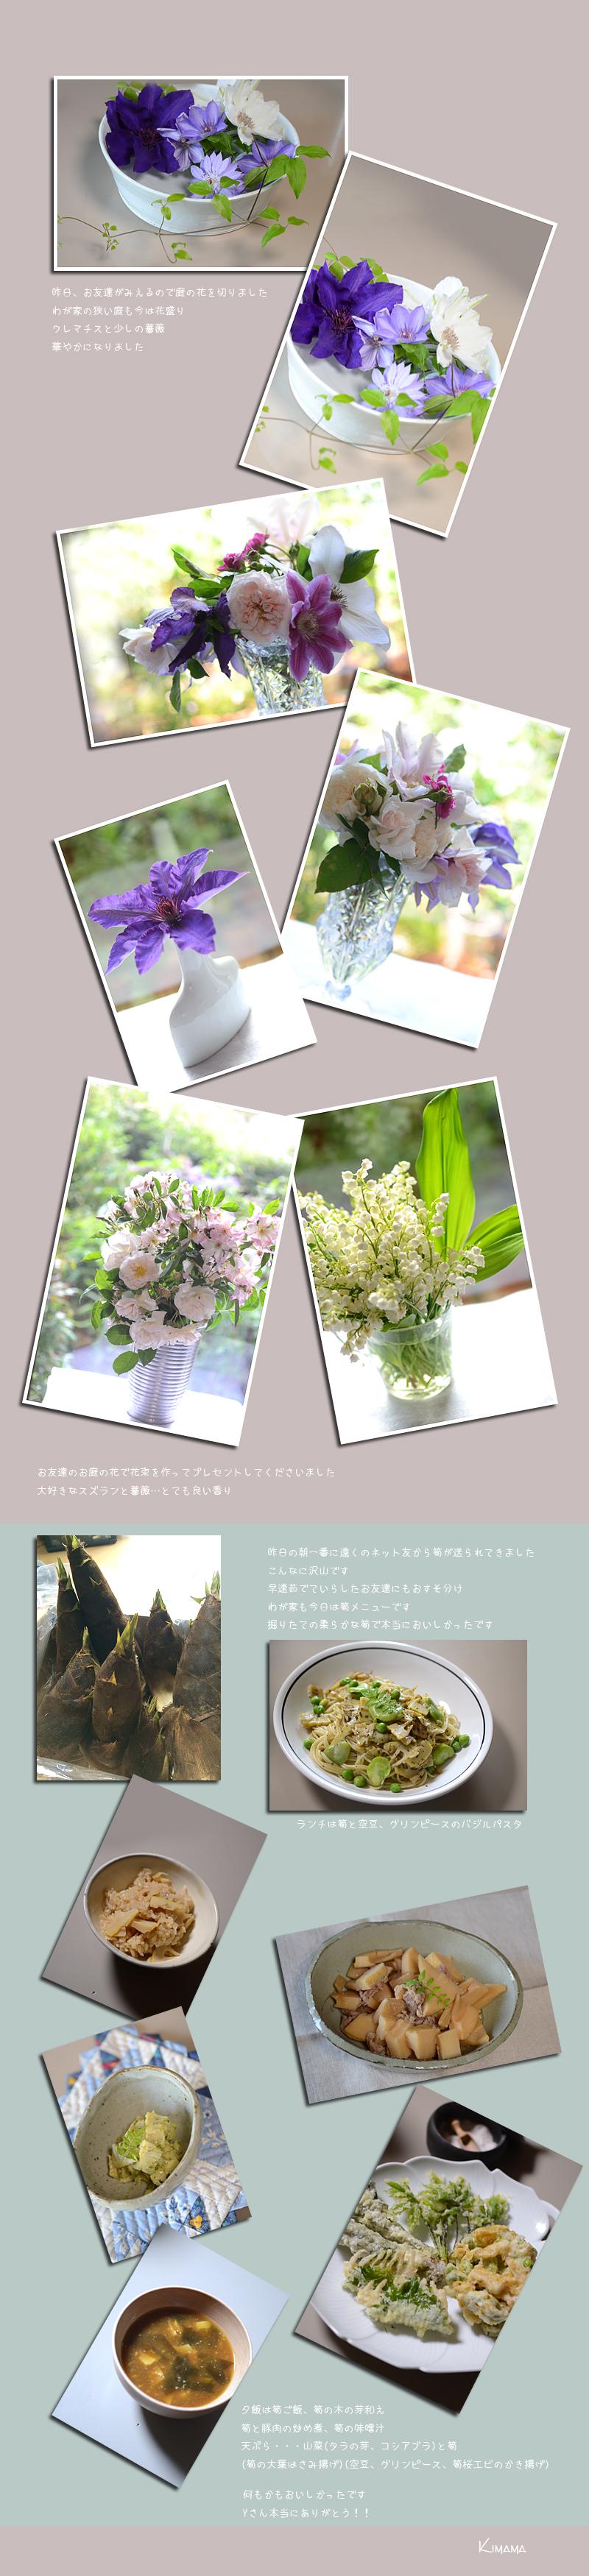 5月4日庭の花1